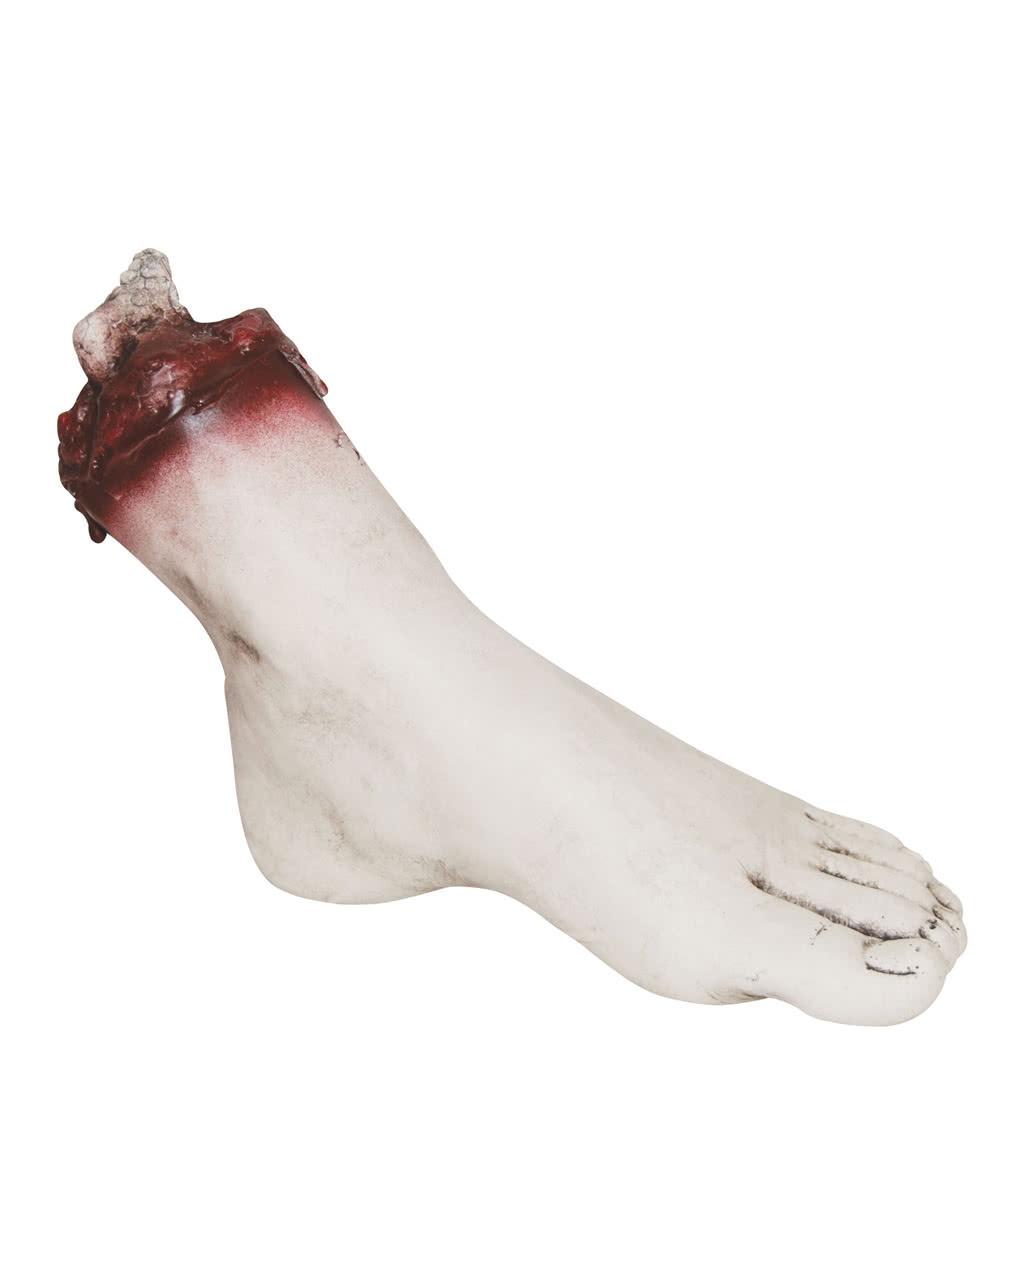 Ungewöhnlich Oberflächenanatomie Fuß Zeitgenössisch - Anatomie Ideen ...